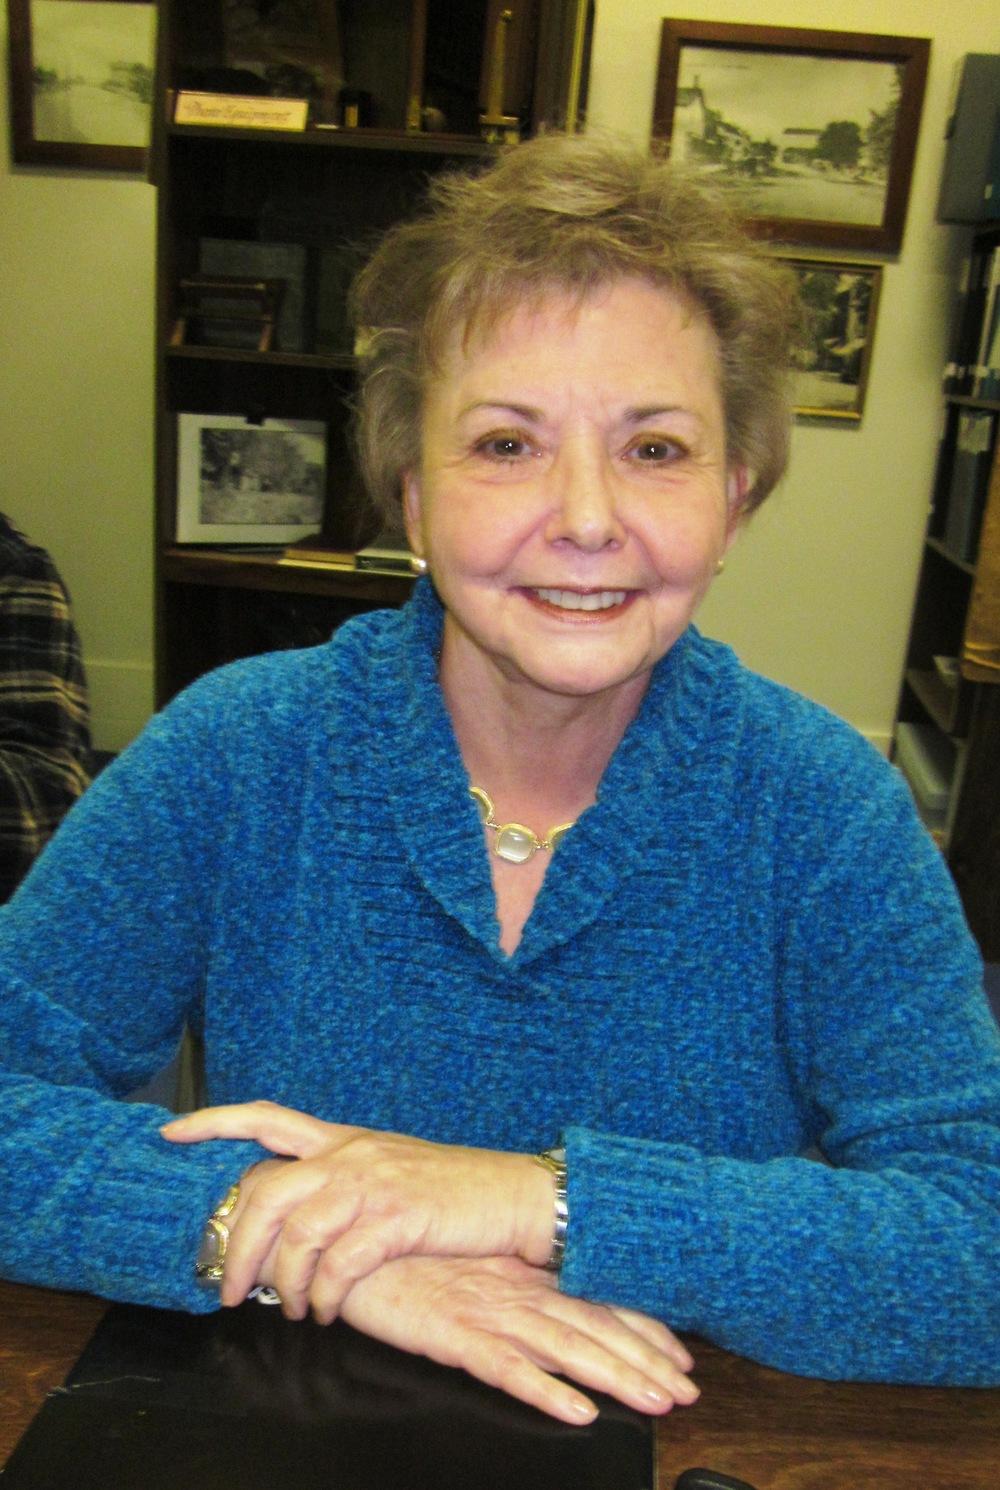 Kathy Saco